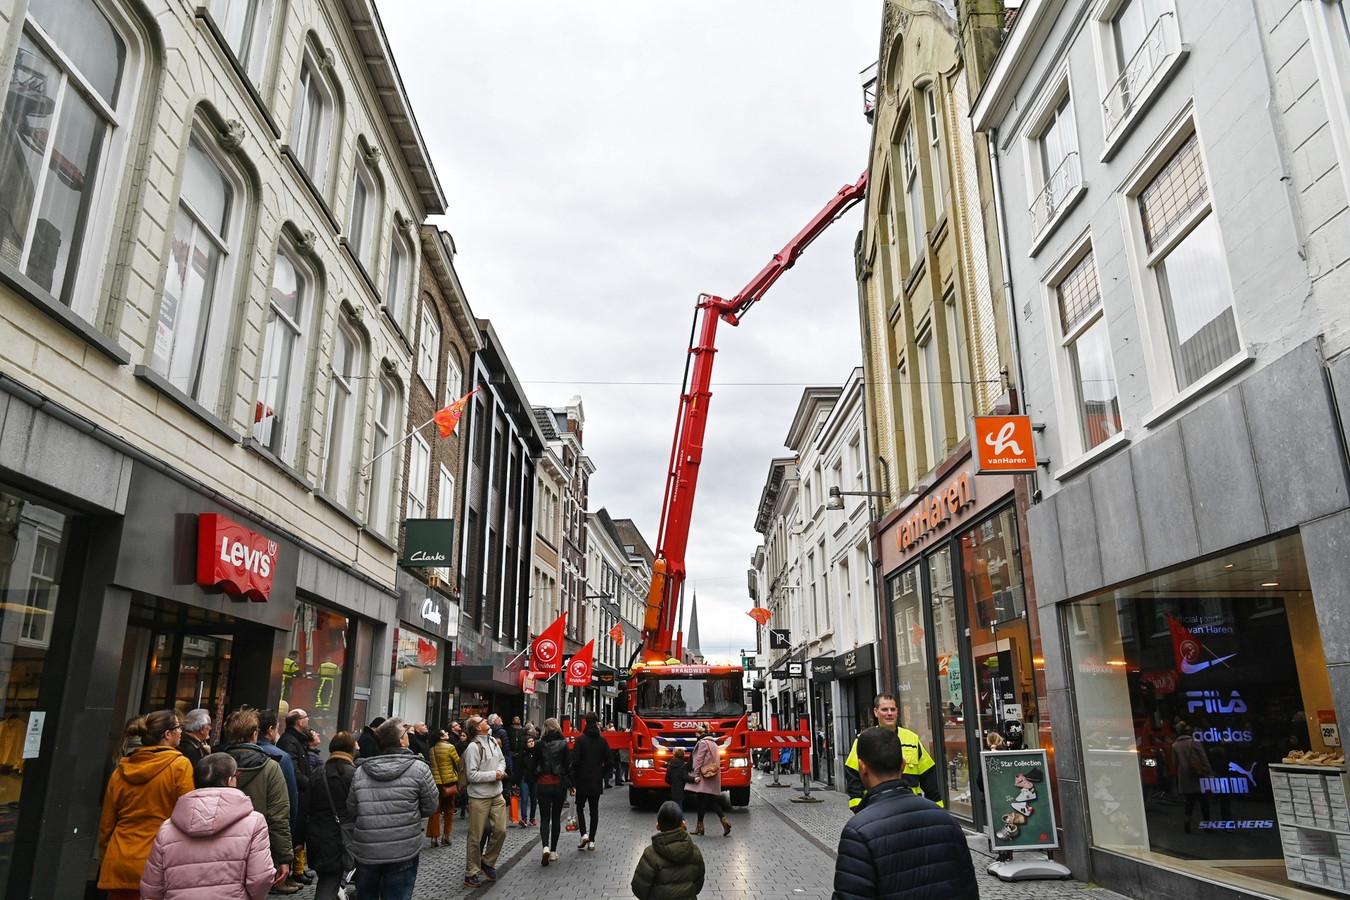 De brandweer zette een hoogwerker in, het publiek kon gewoon passeren in de Eindstraat in het centrum van Breda.